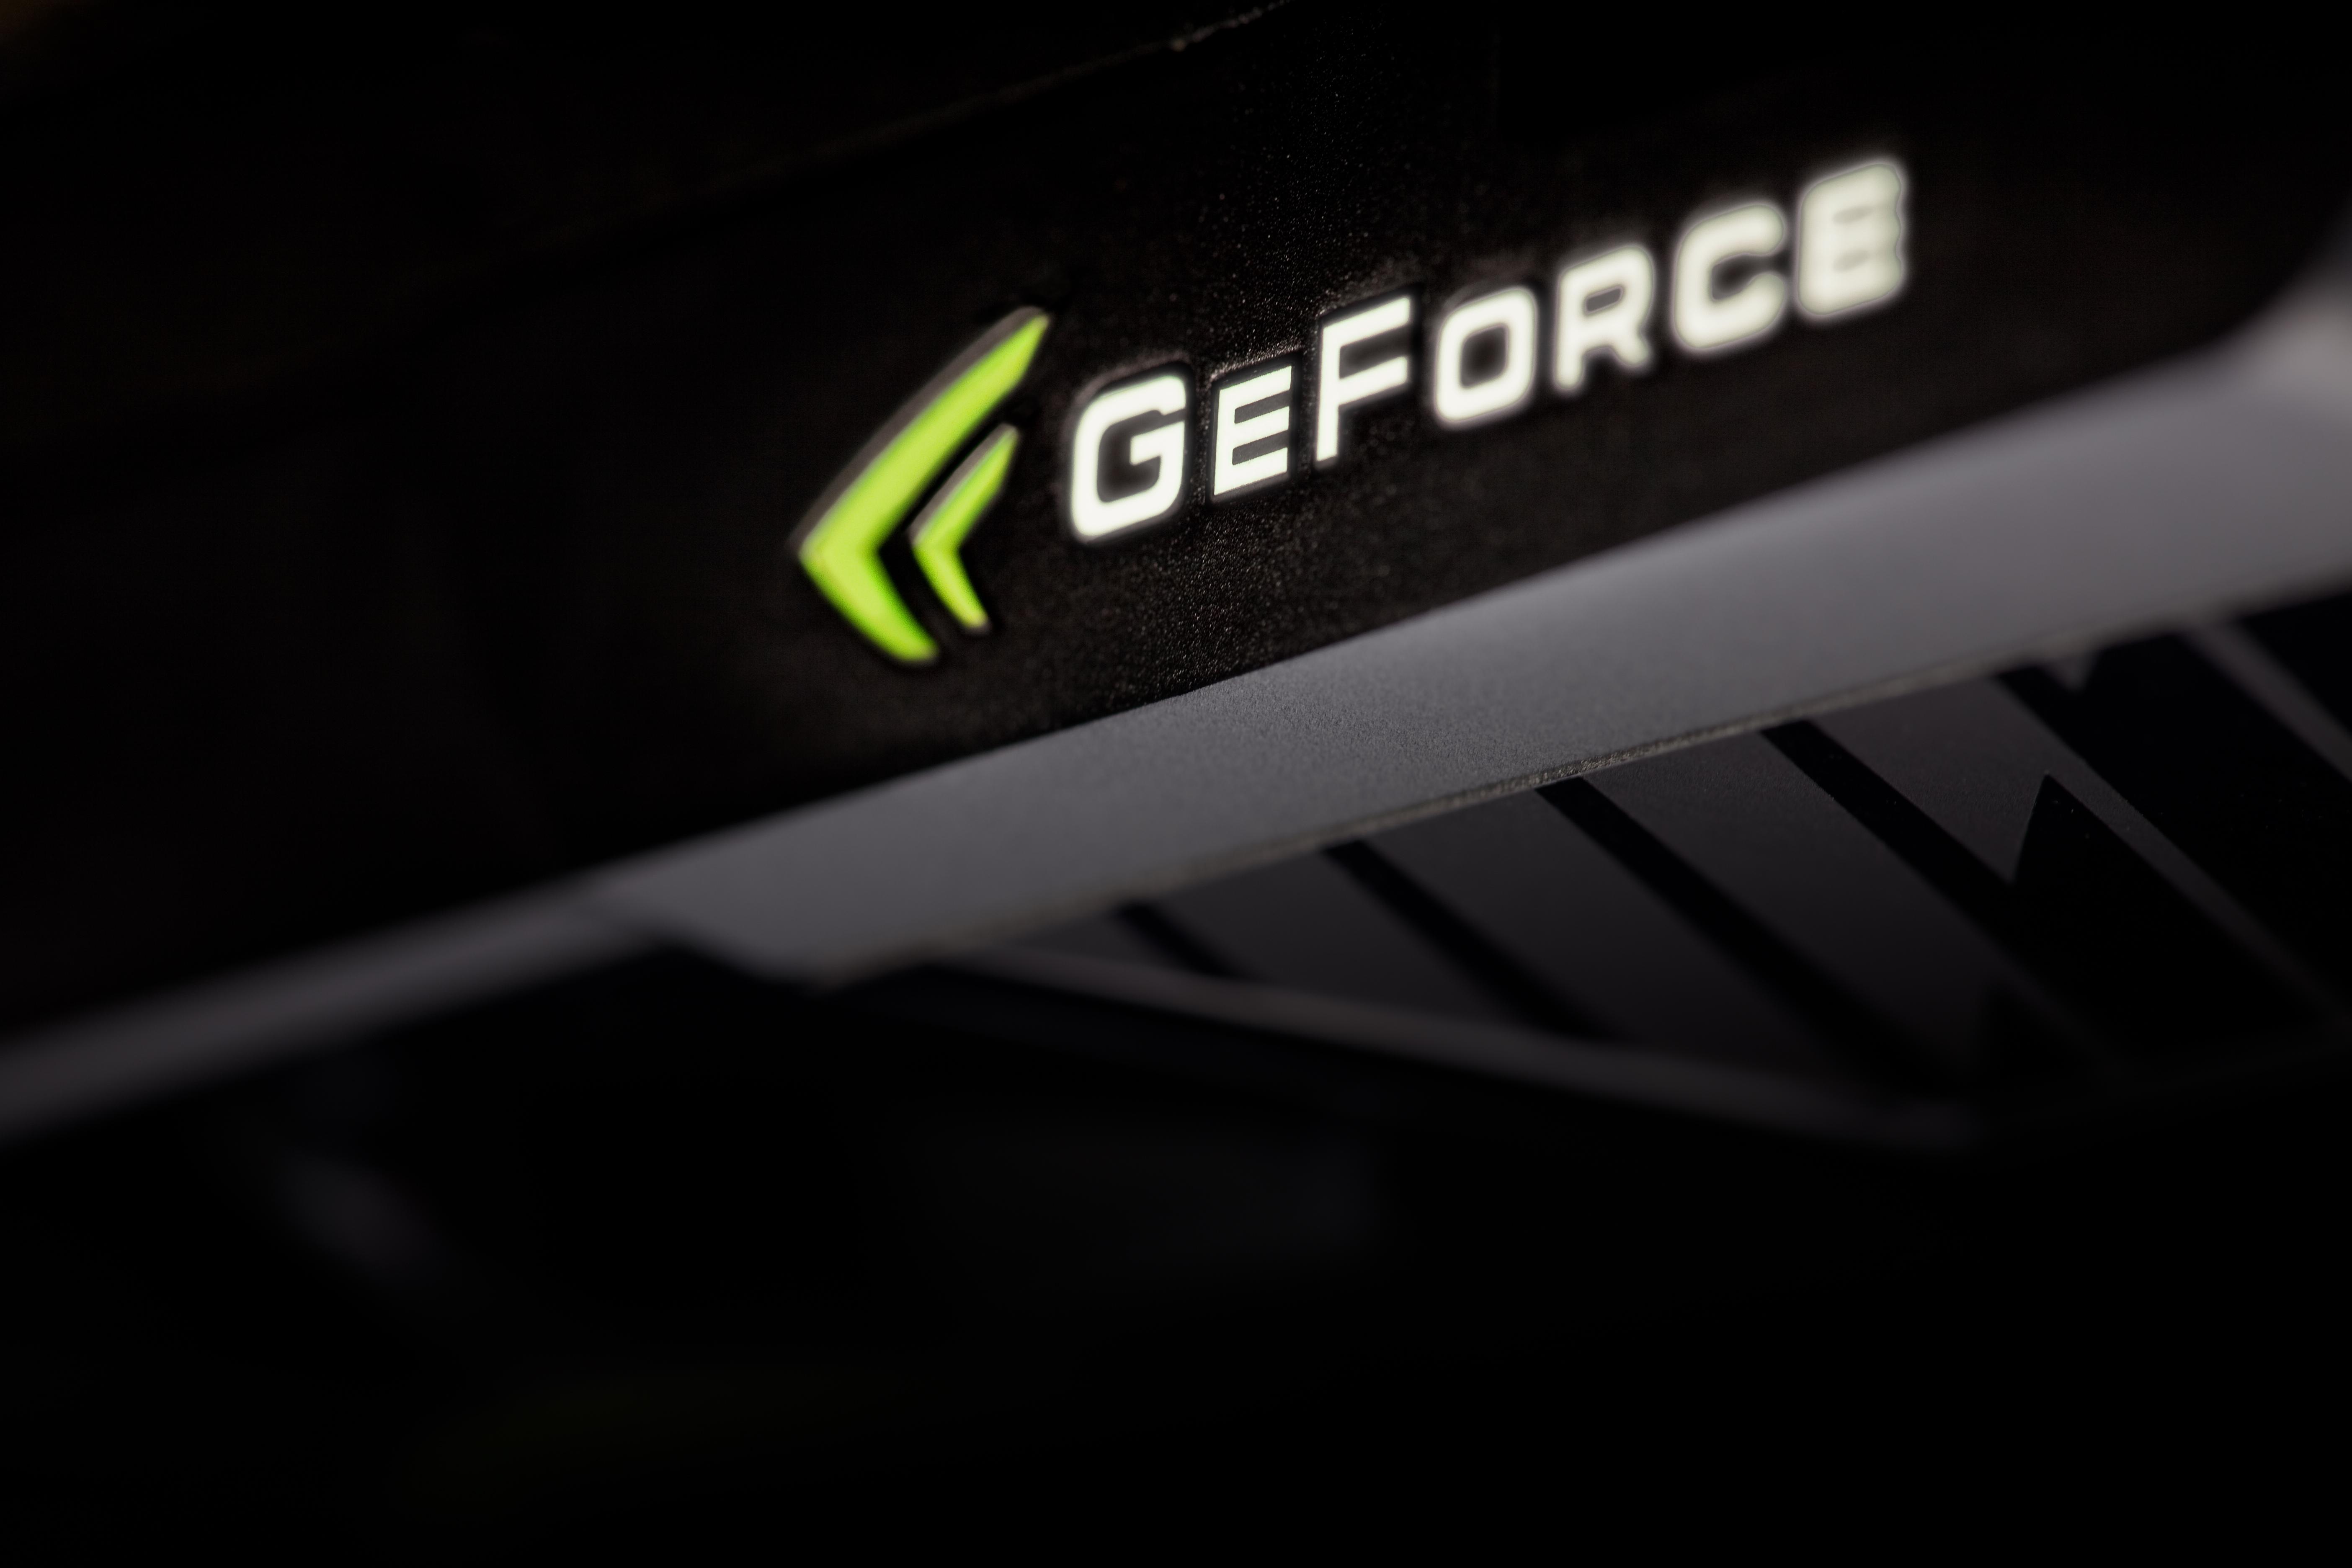 Nvidia Geforce Gtx 590 Najszybsza Karta Graficzna Na Swiecie Nvidia